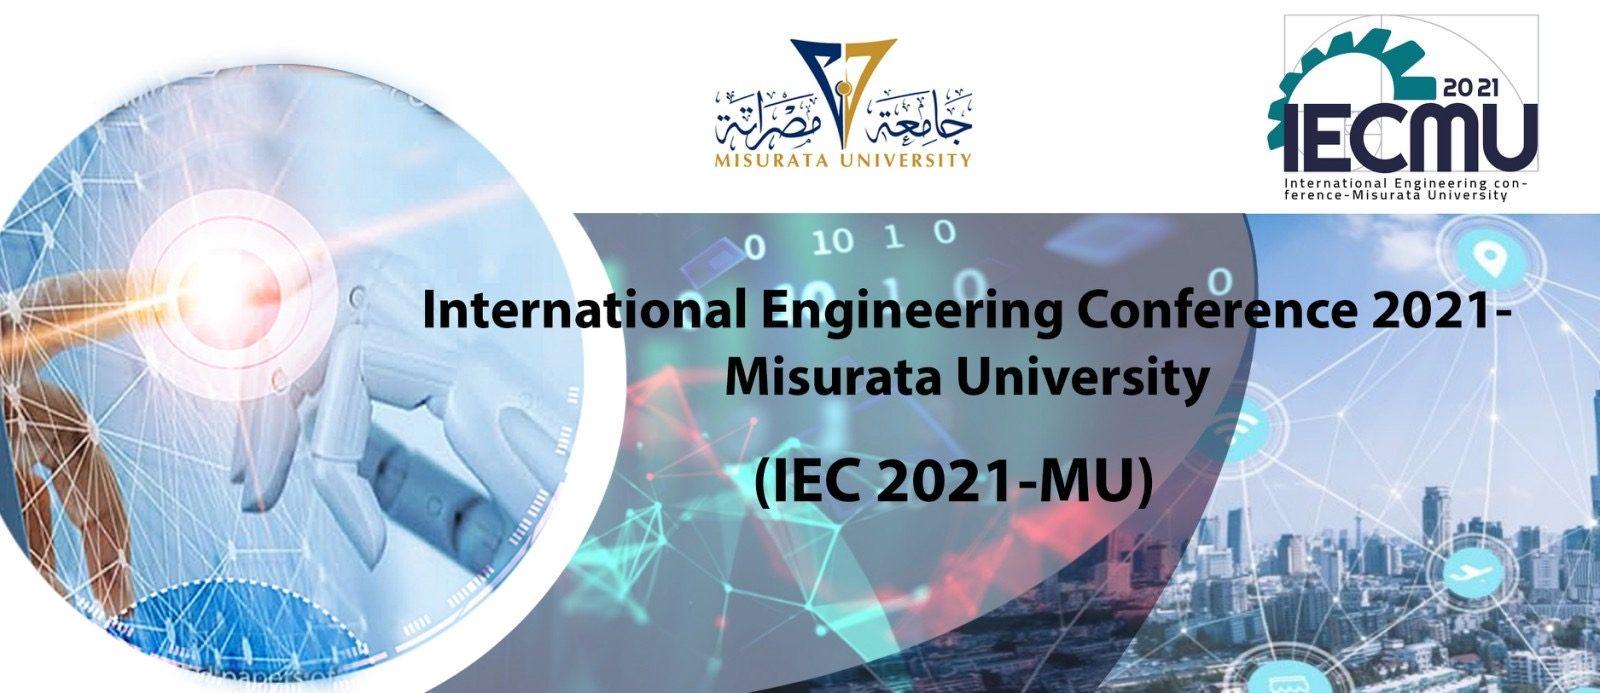 IEC 2021-MU